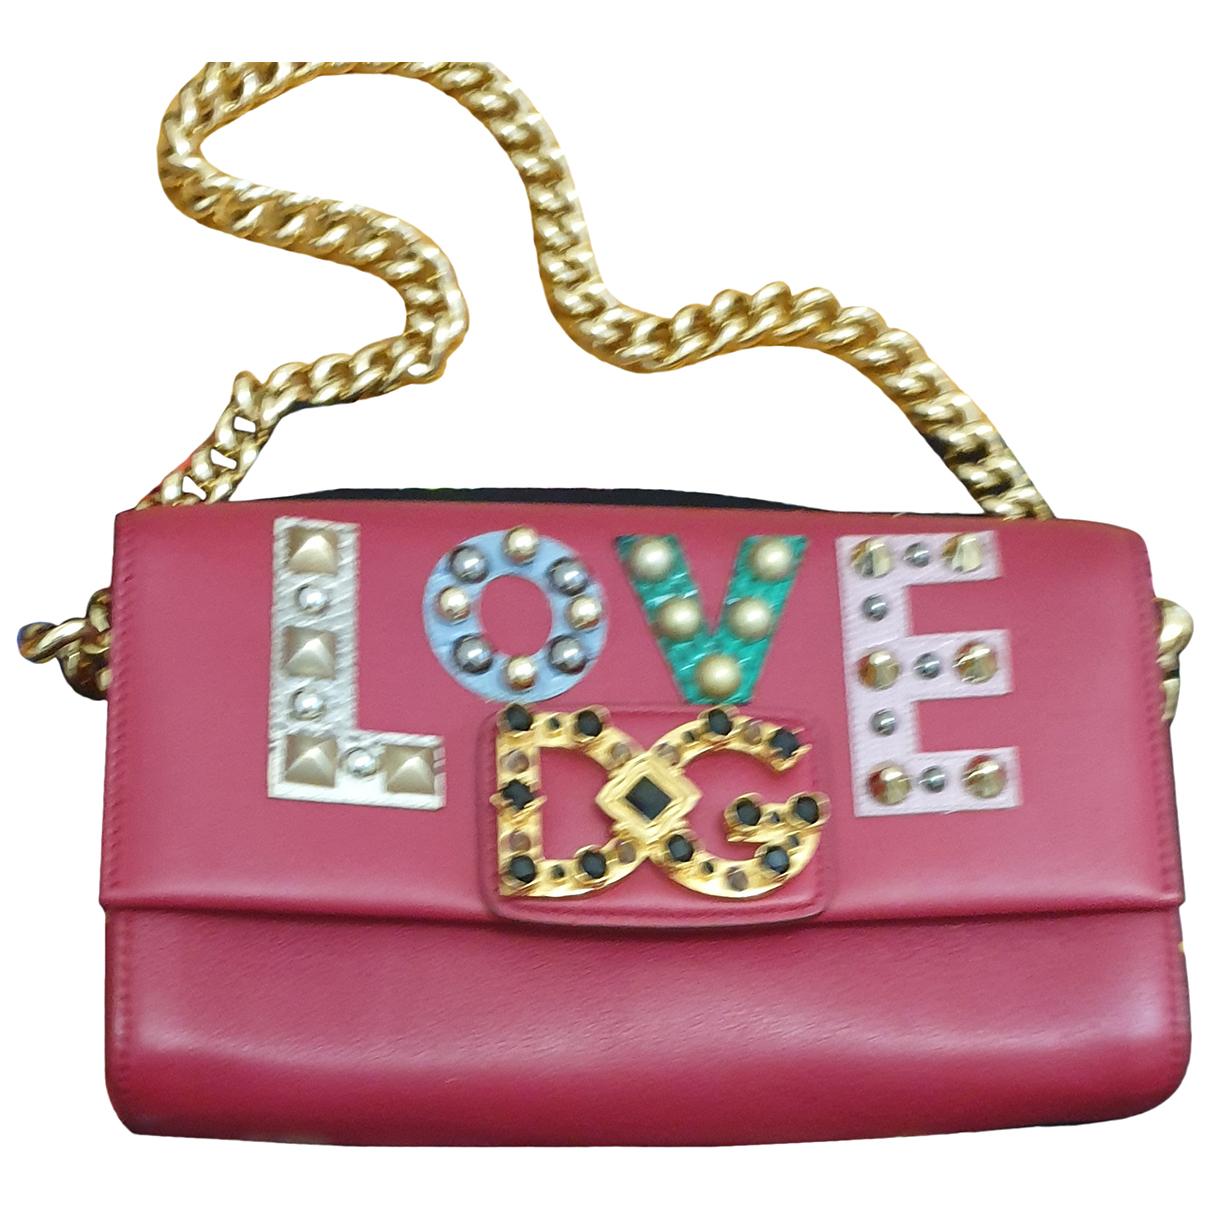 Dolce & Gabbana - Sac a main   pour femme en cuir - bordeaux